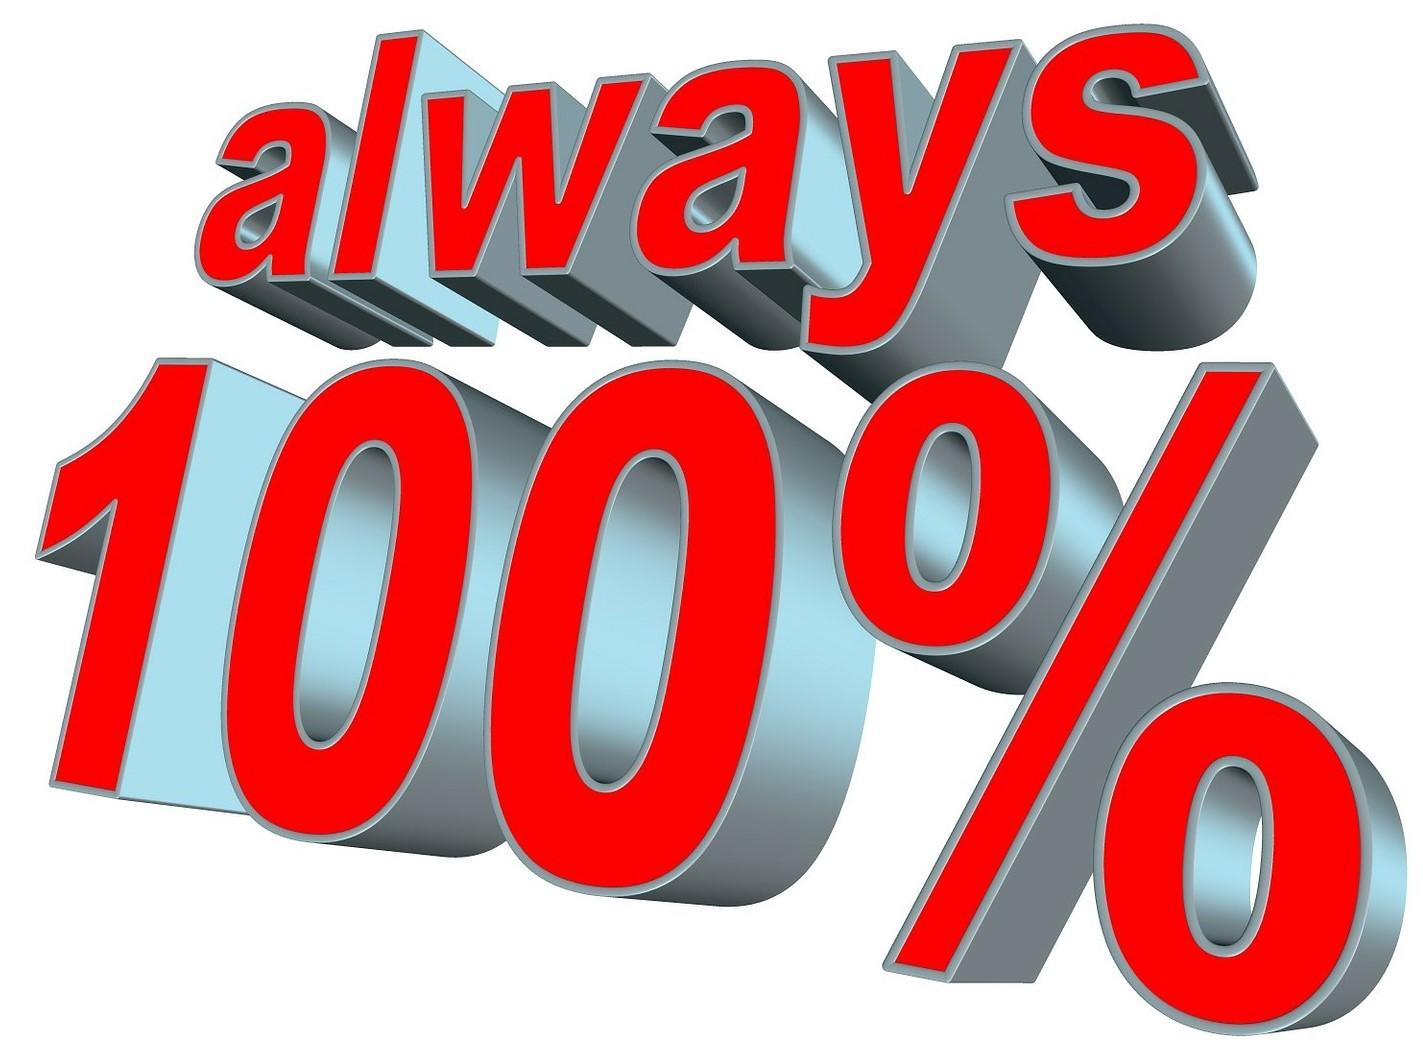 Always 100%